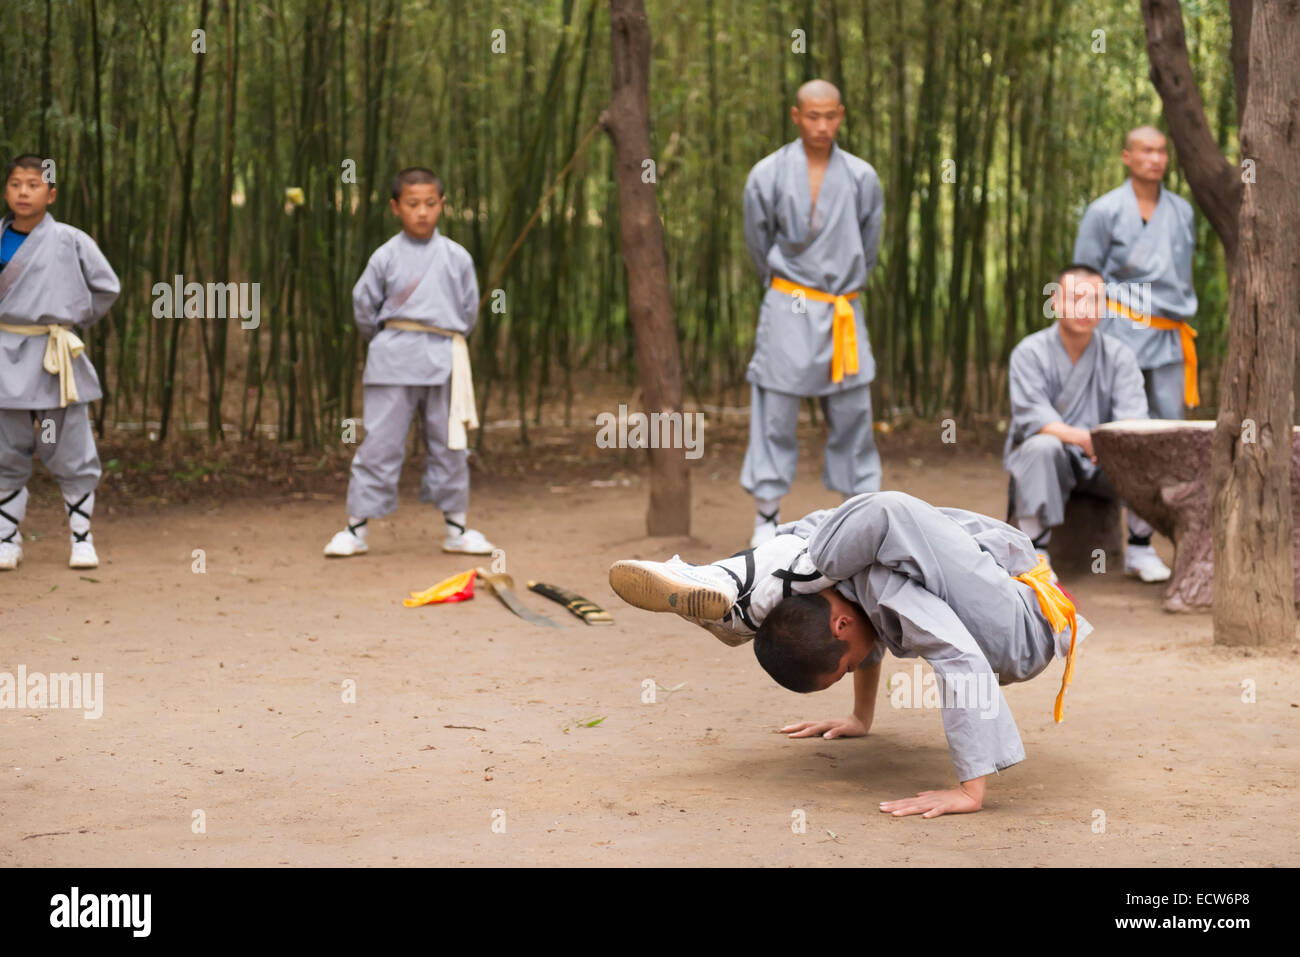 Joven estudiante de una escuela de artes marciales Shaolin mostrando su flexibilidad en la ceremonia de inauguración Imagen De Stock